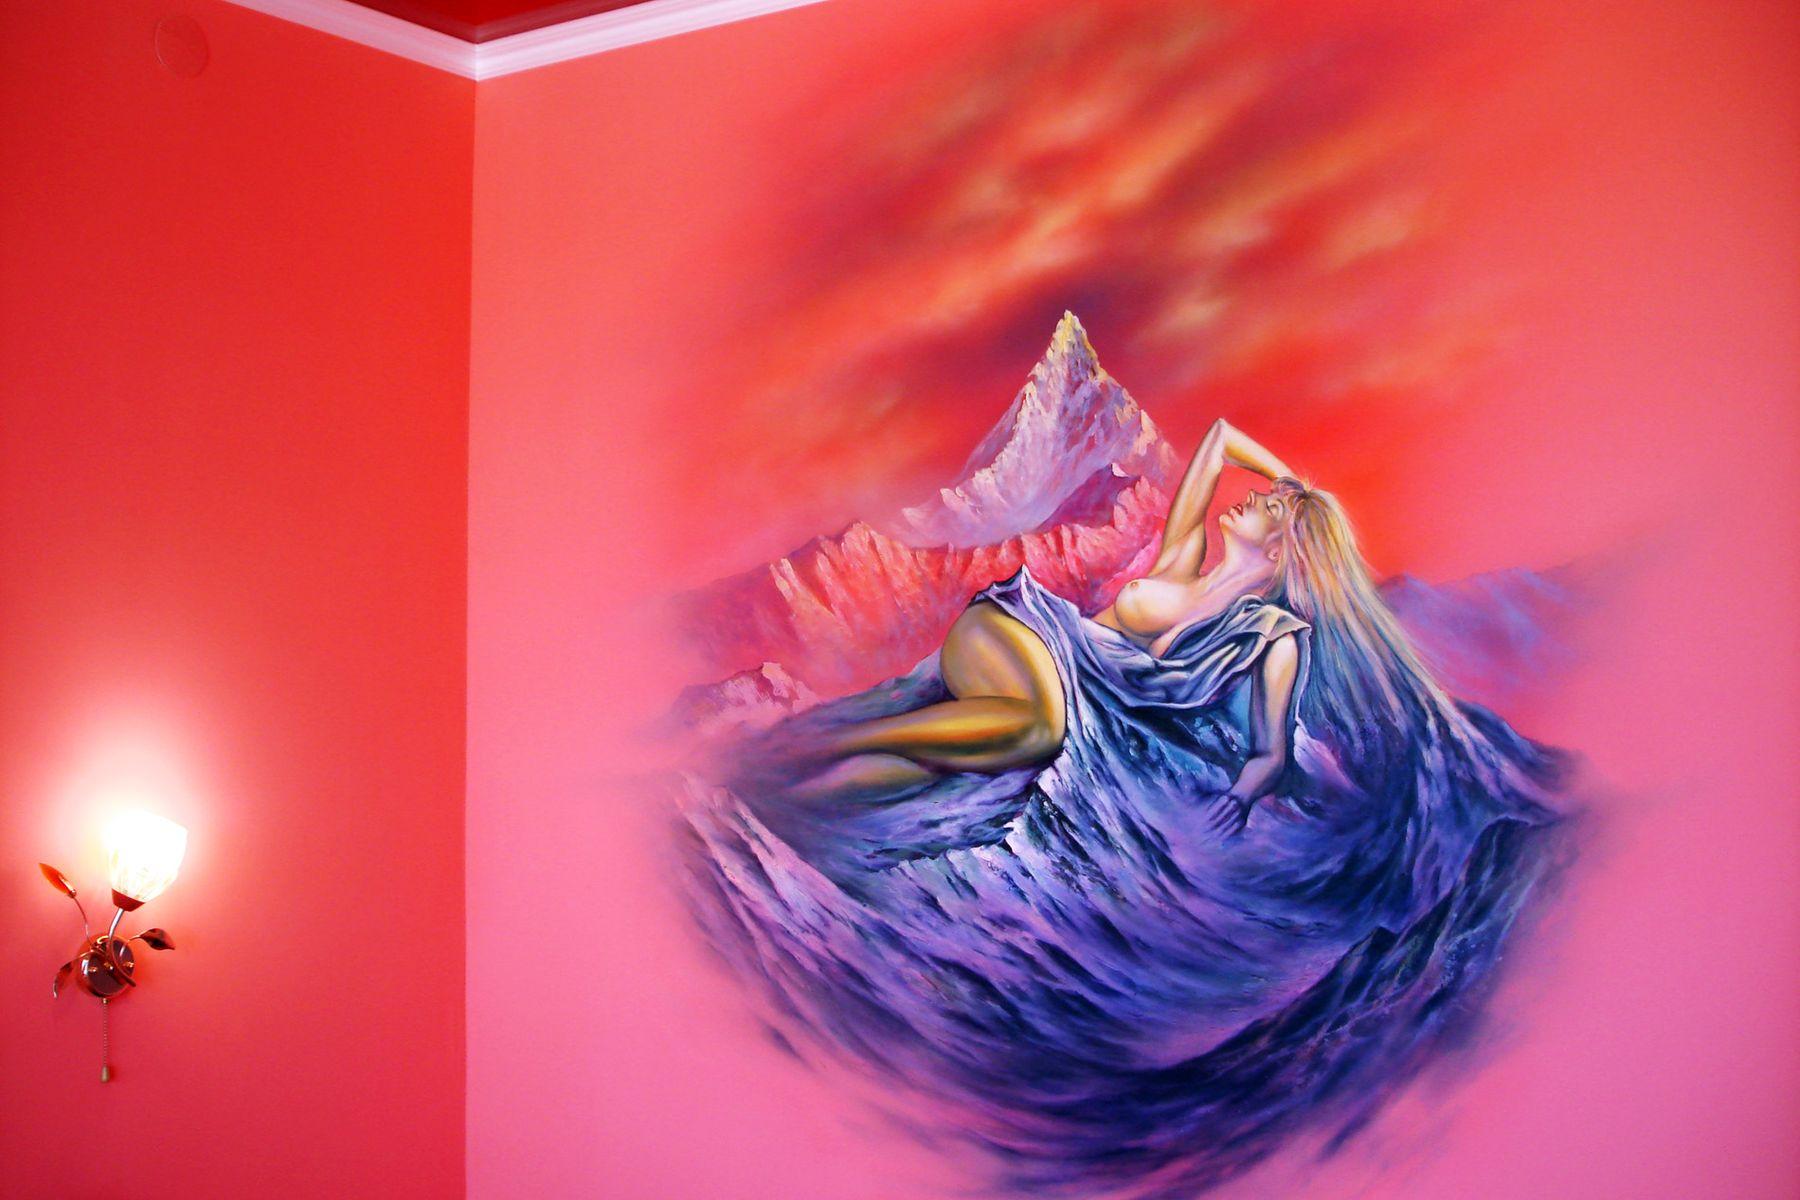 фрески на стенах в интерьере - Девушка. Фэнтази.